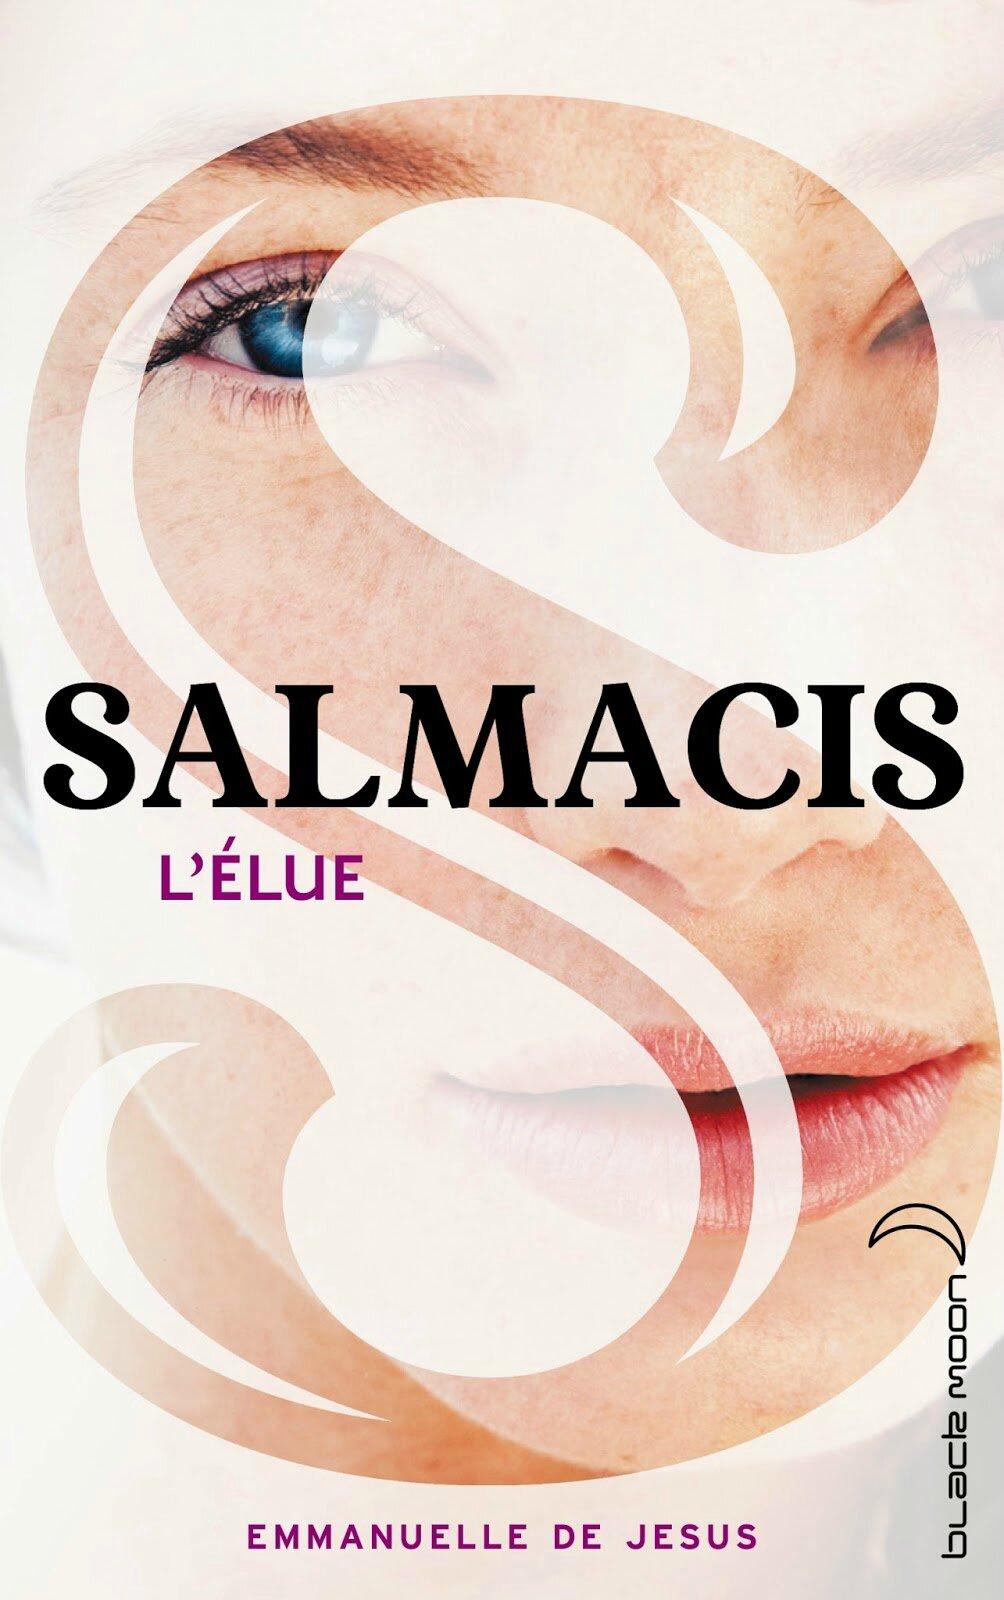 Salmacis - Tome 1 - L'élue Emmanuelle de Jesus